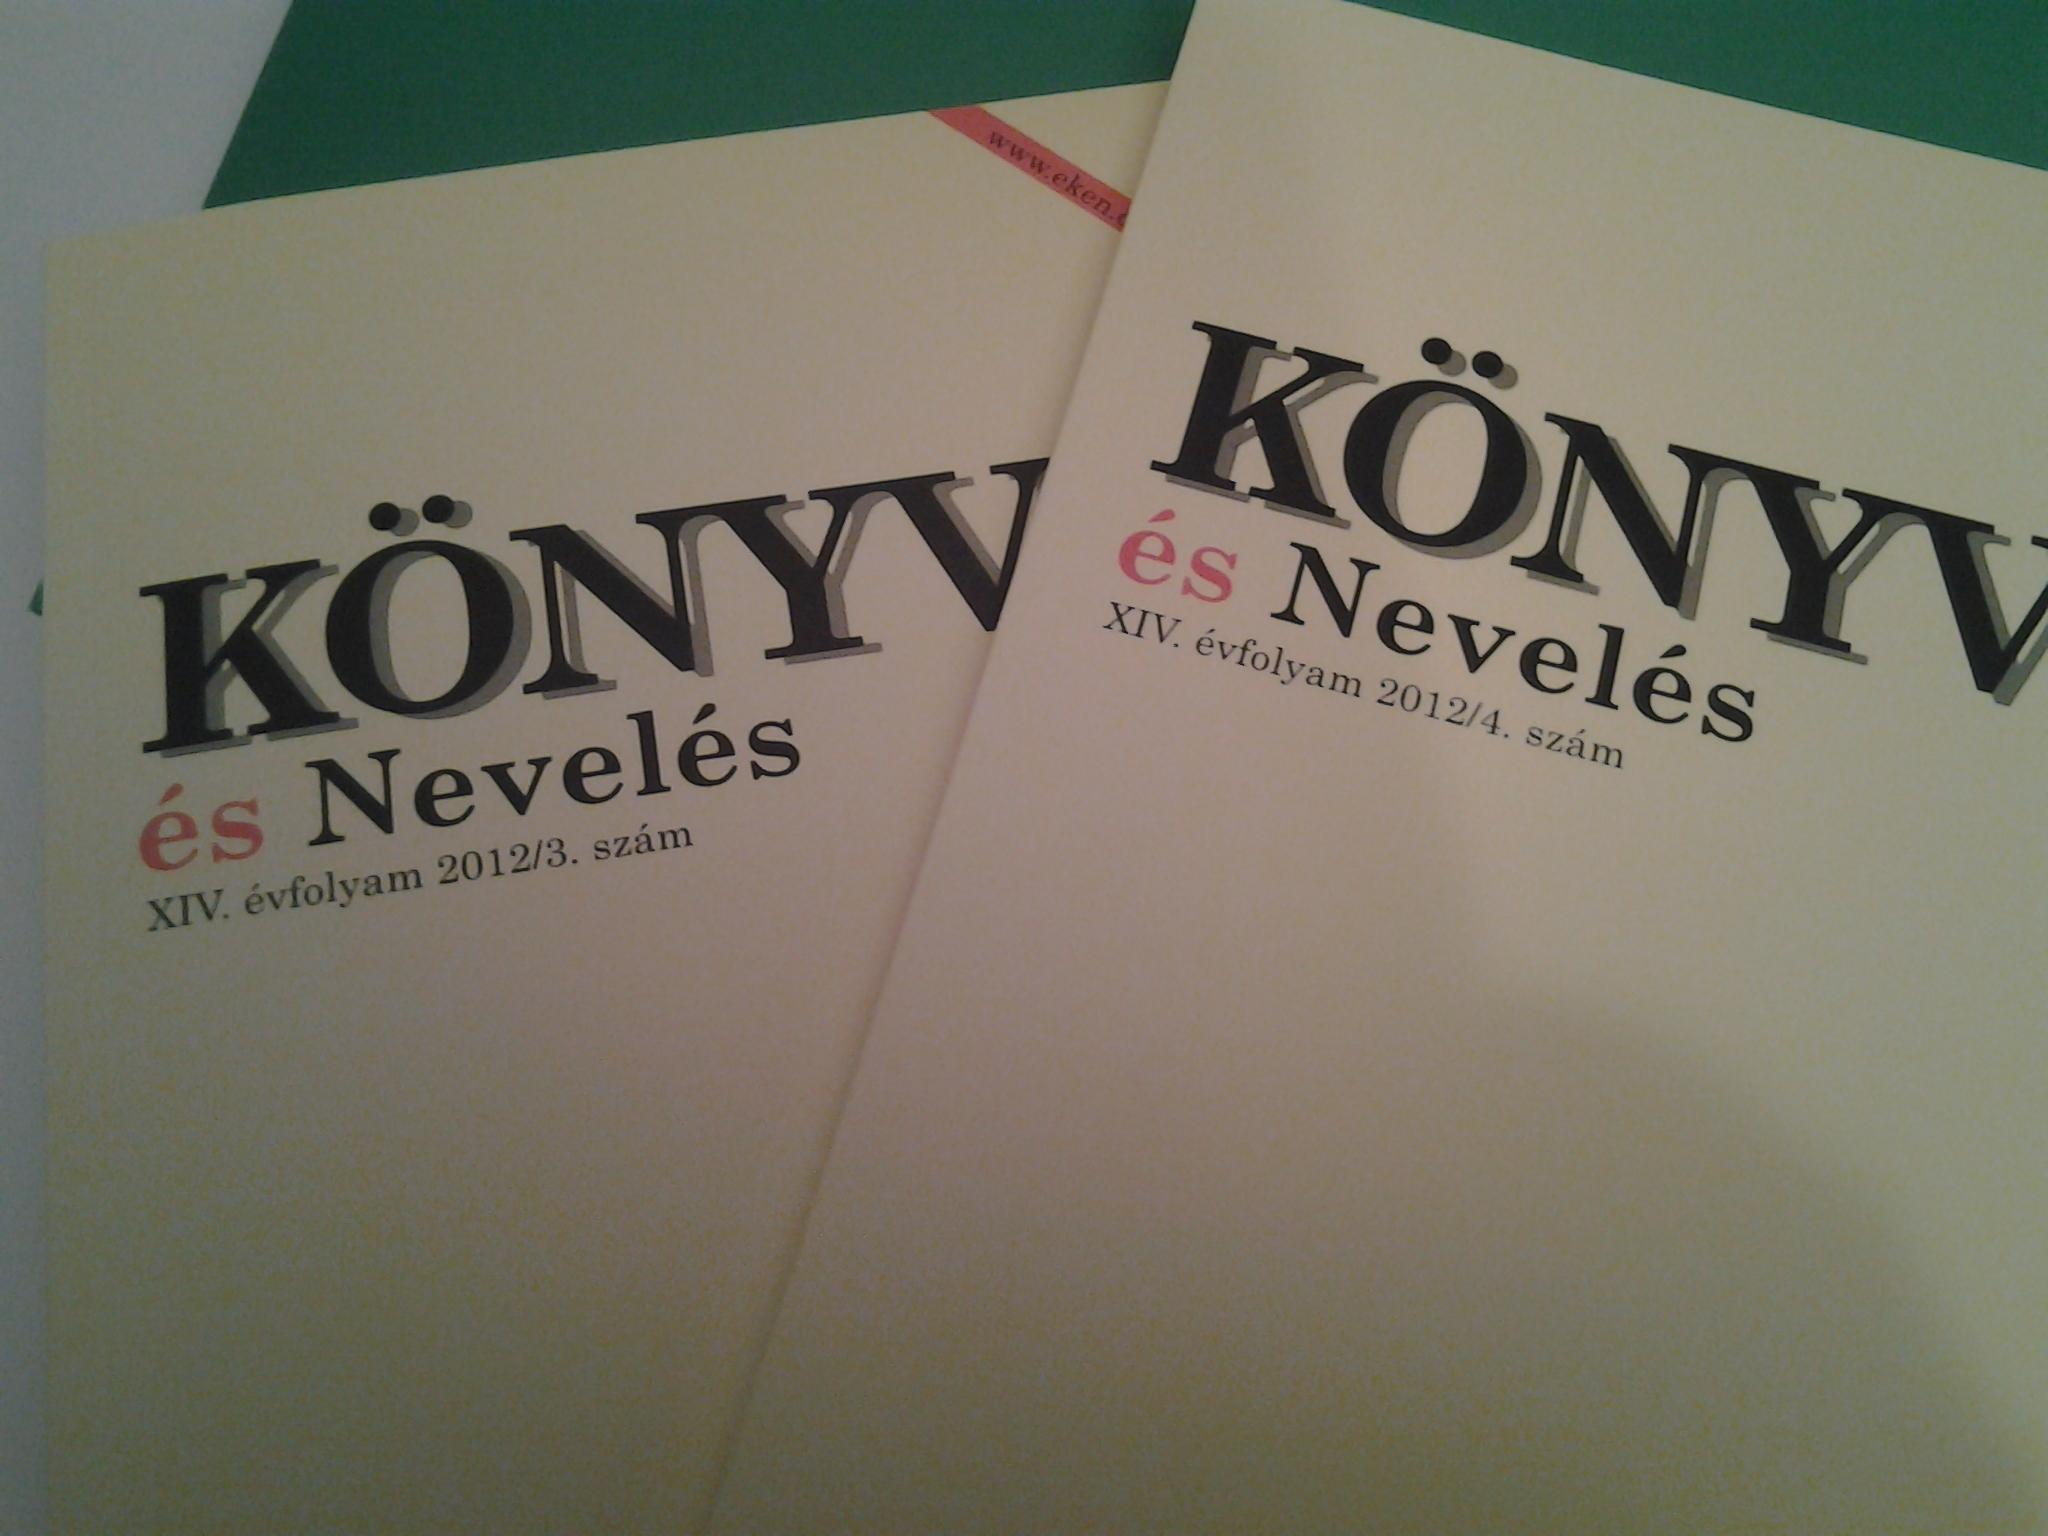 Könyv és Nevelés – 2012. 3. és 4. szám